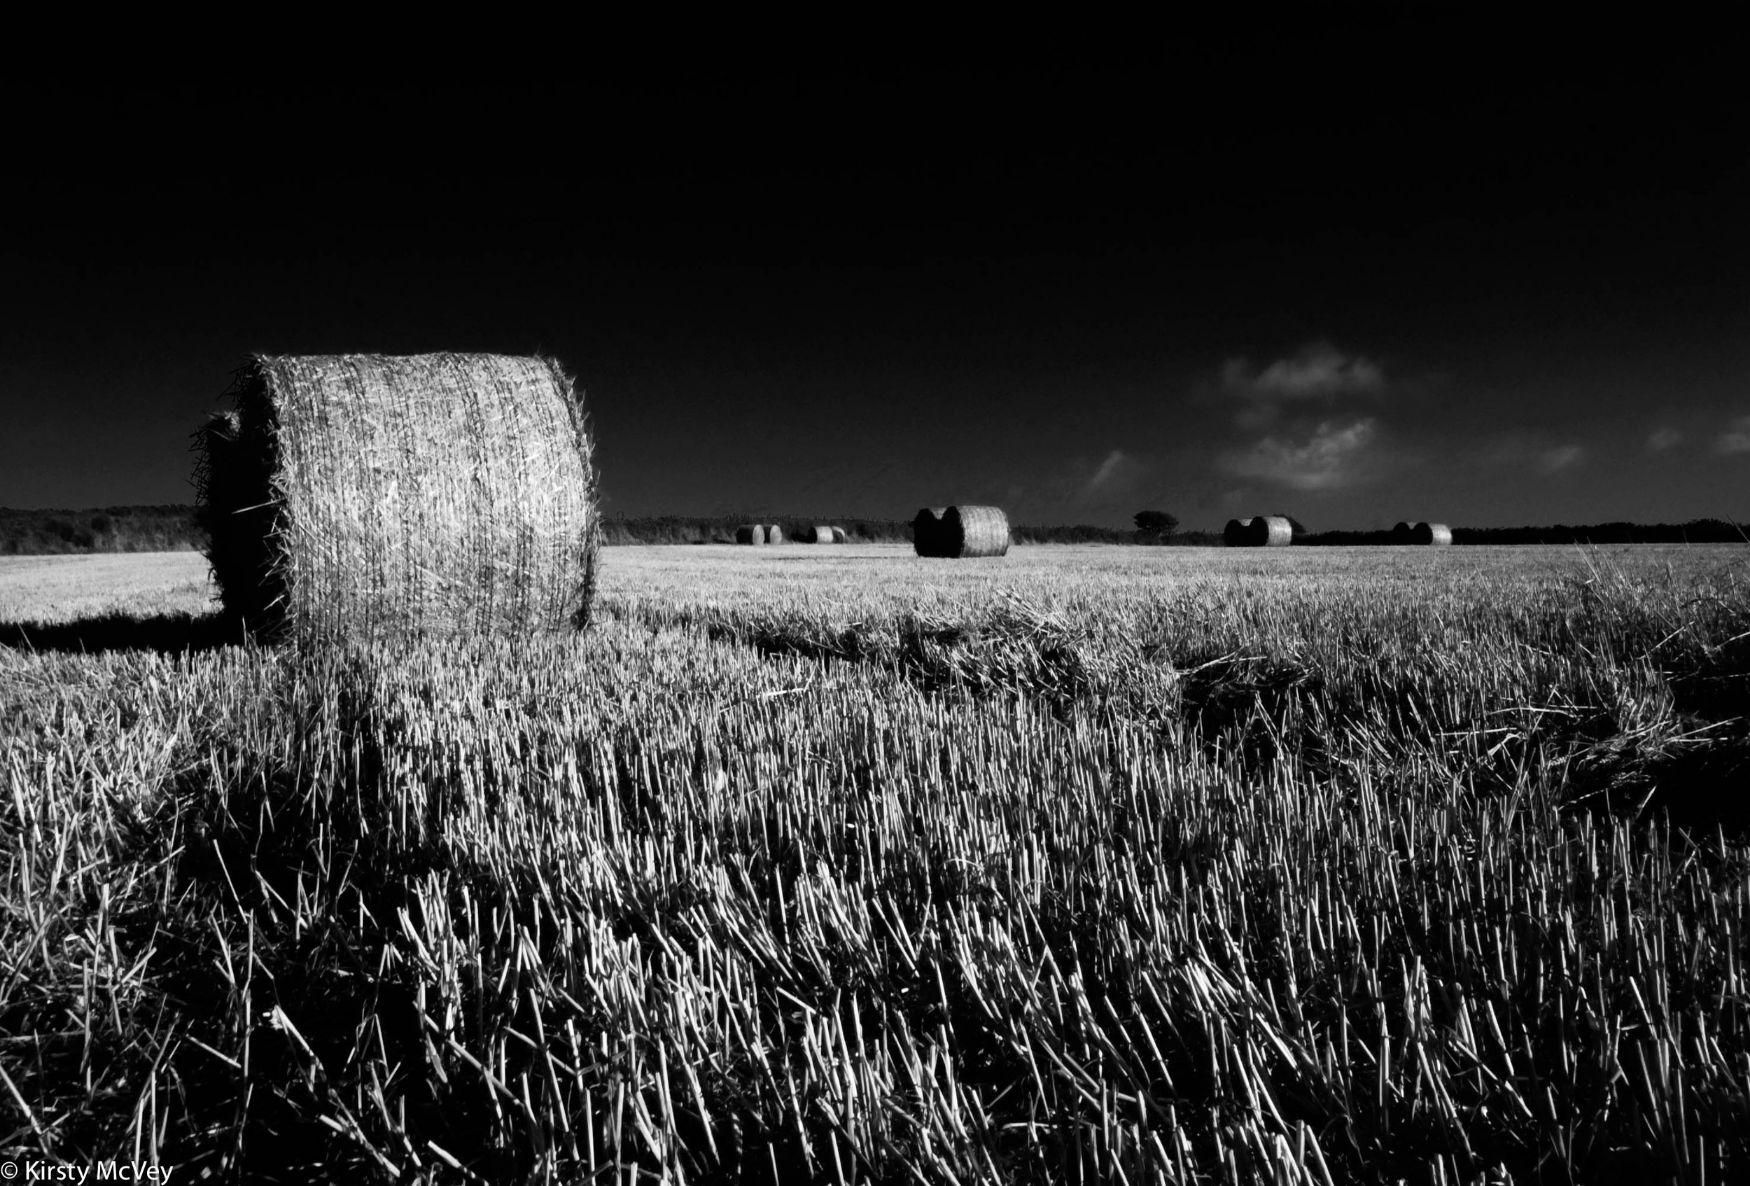 20100823-Hay+bales(16.9mb).jpg